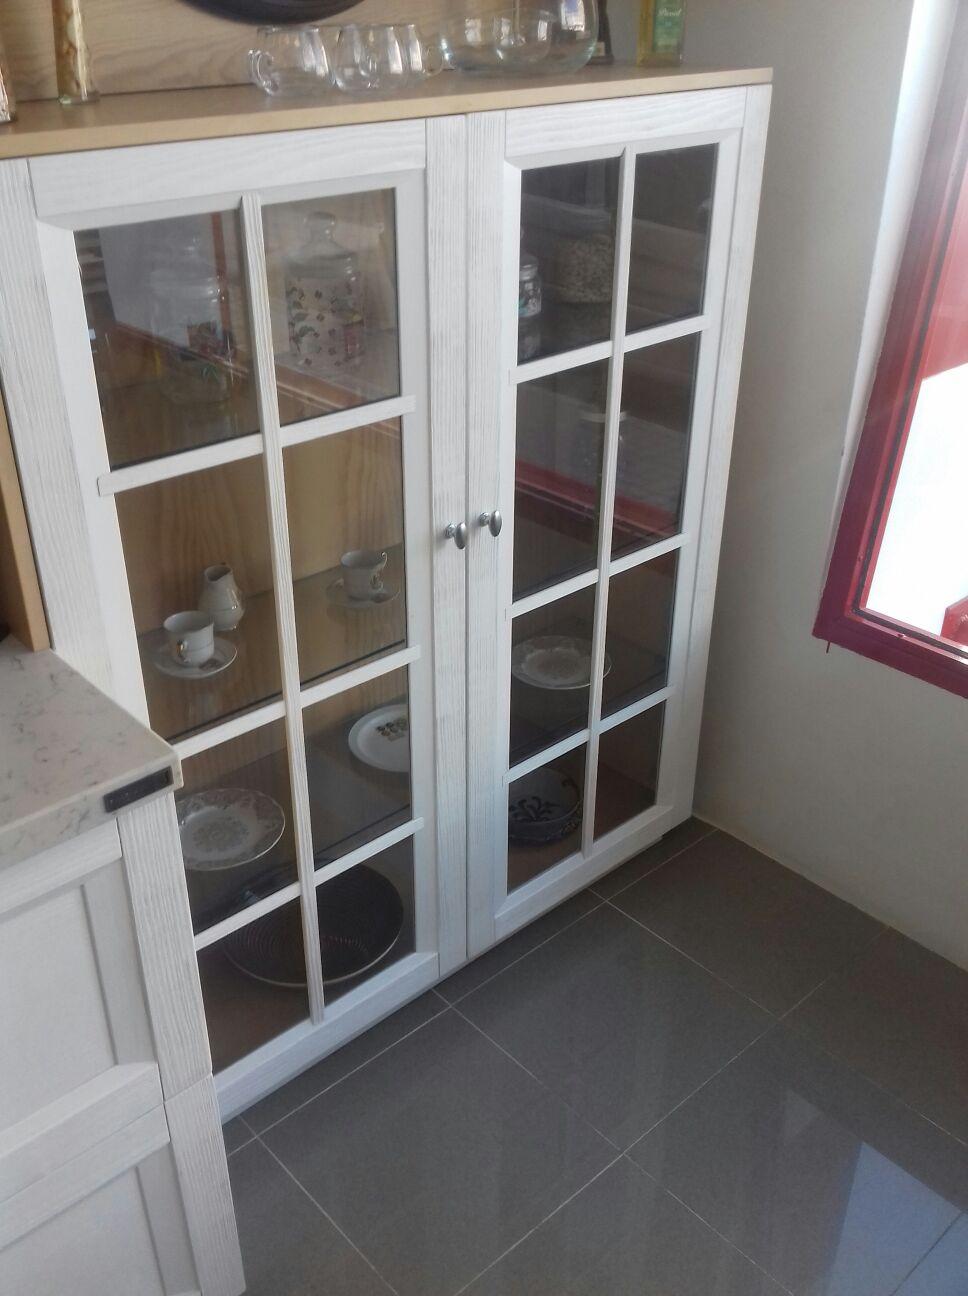 Cocina de exposici n 3 dise o e instalaci n de cocinas for Milanuncios muebles malaga